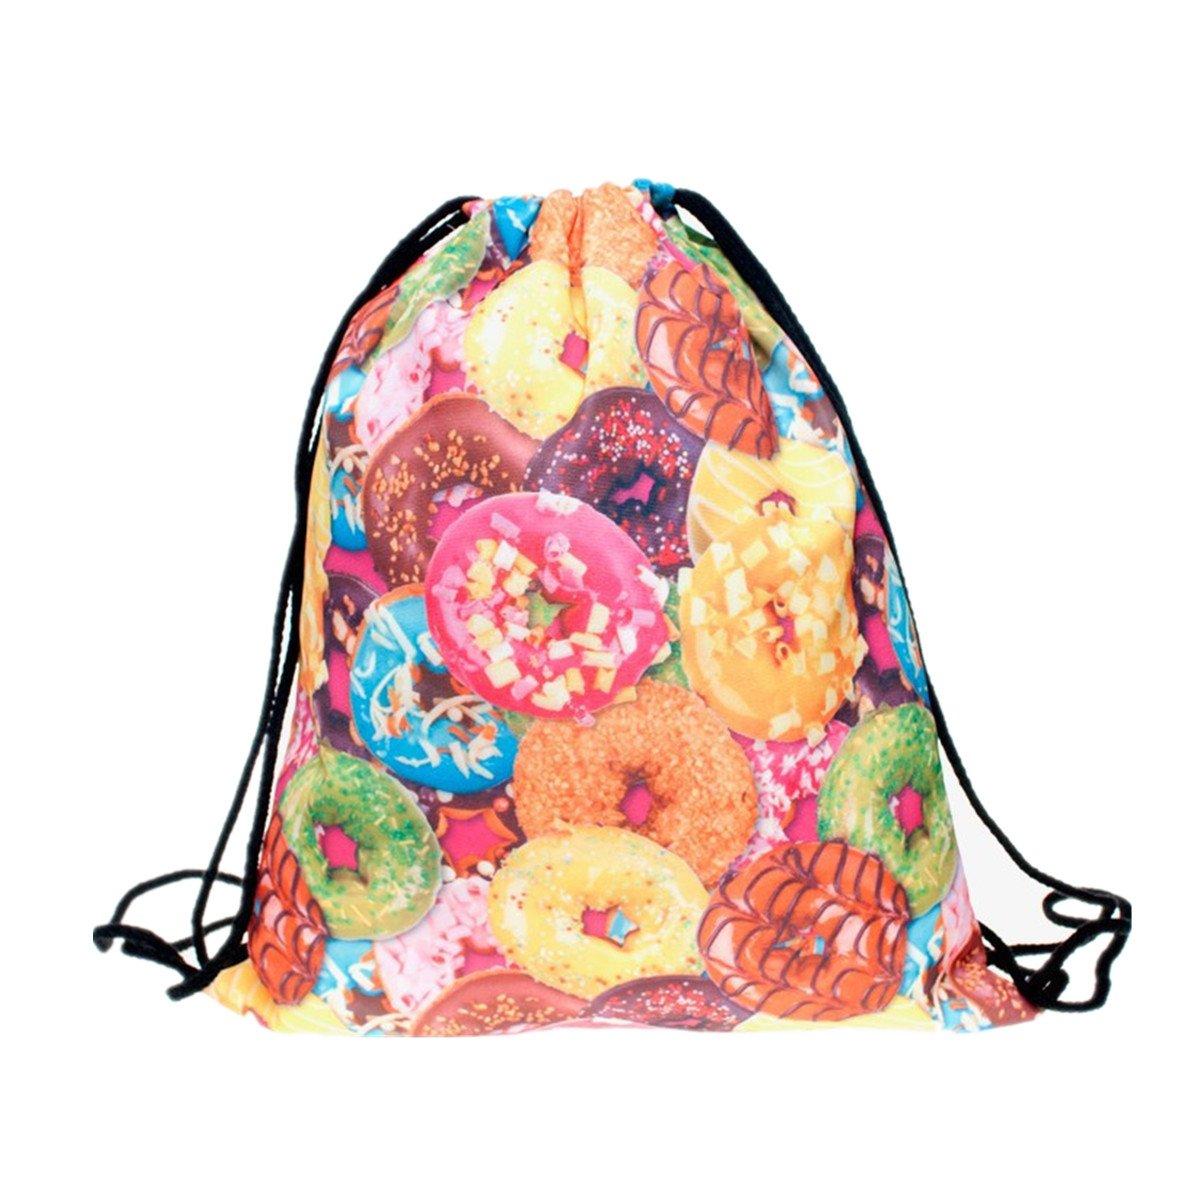 オープニング 大放出セール ファッション巾着バッグZerowin B07226M474 DoughnutsプリントバックパックショッピングバッグFloding水泳バッグホーム旅行ストレージ使用 B07226M474, チロルwebshop:03a60672 --- domaska.lt